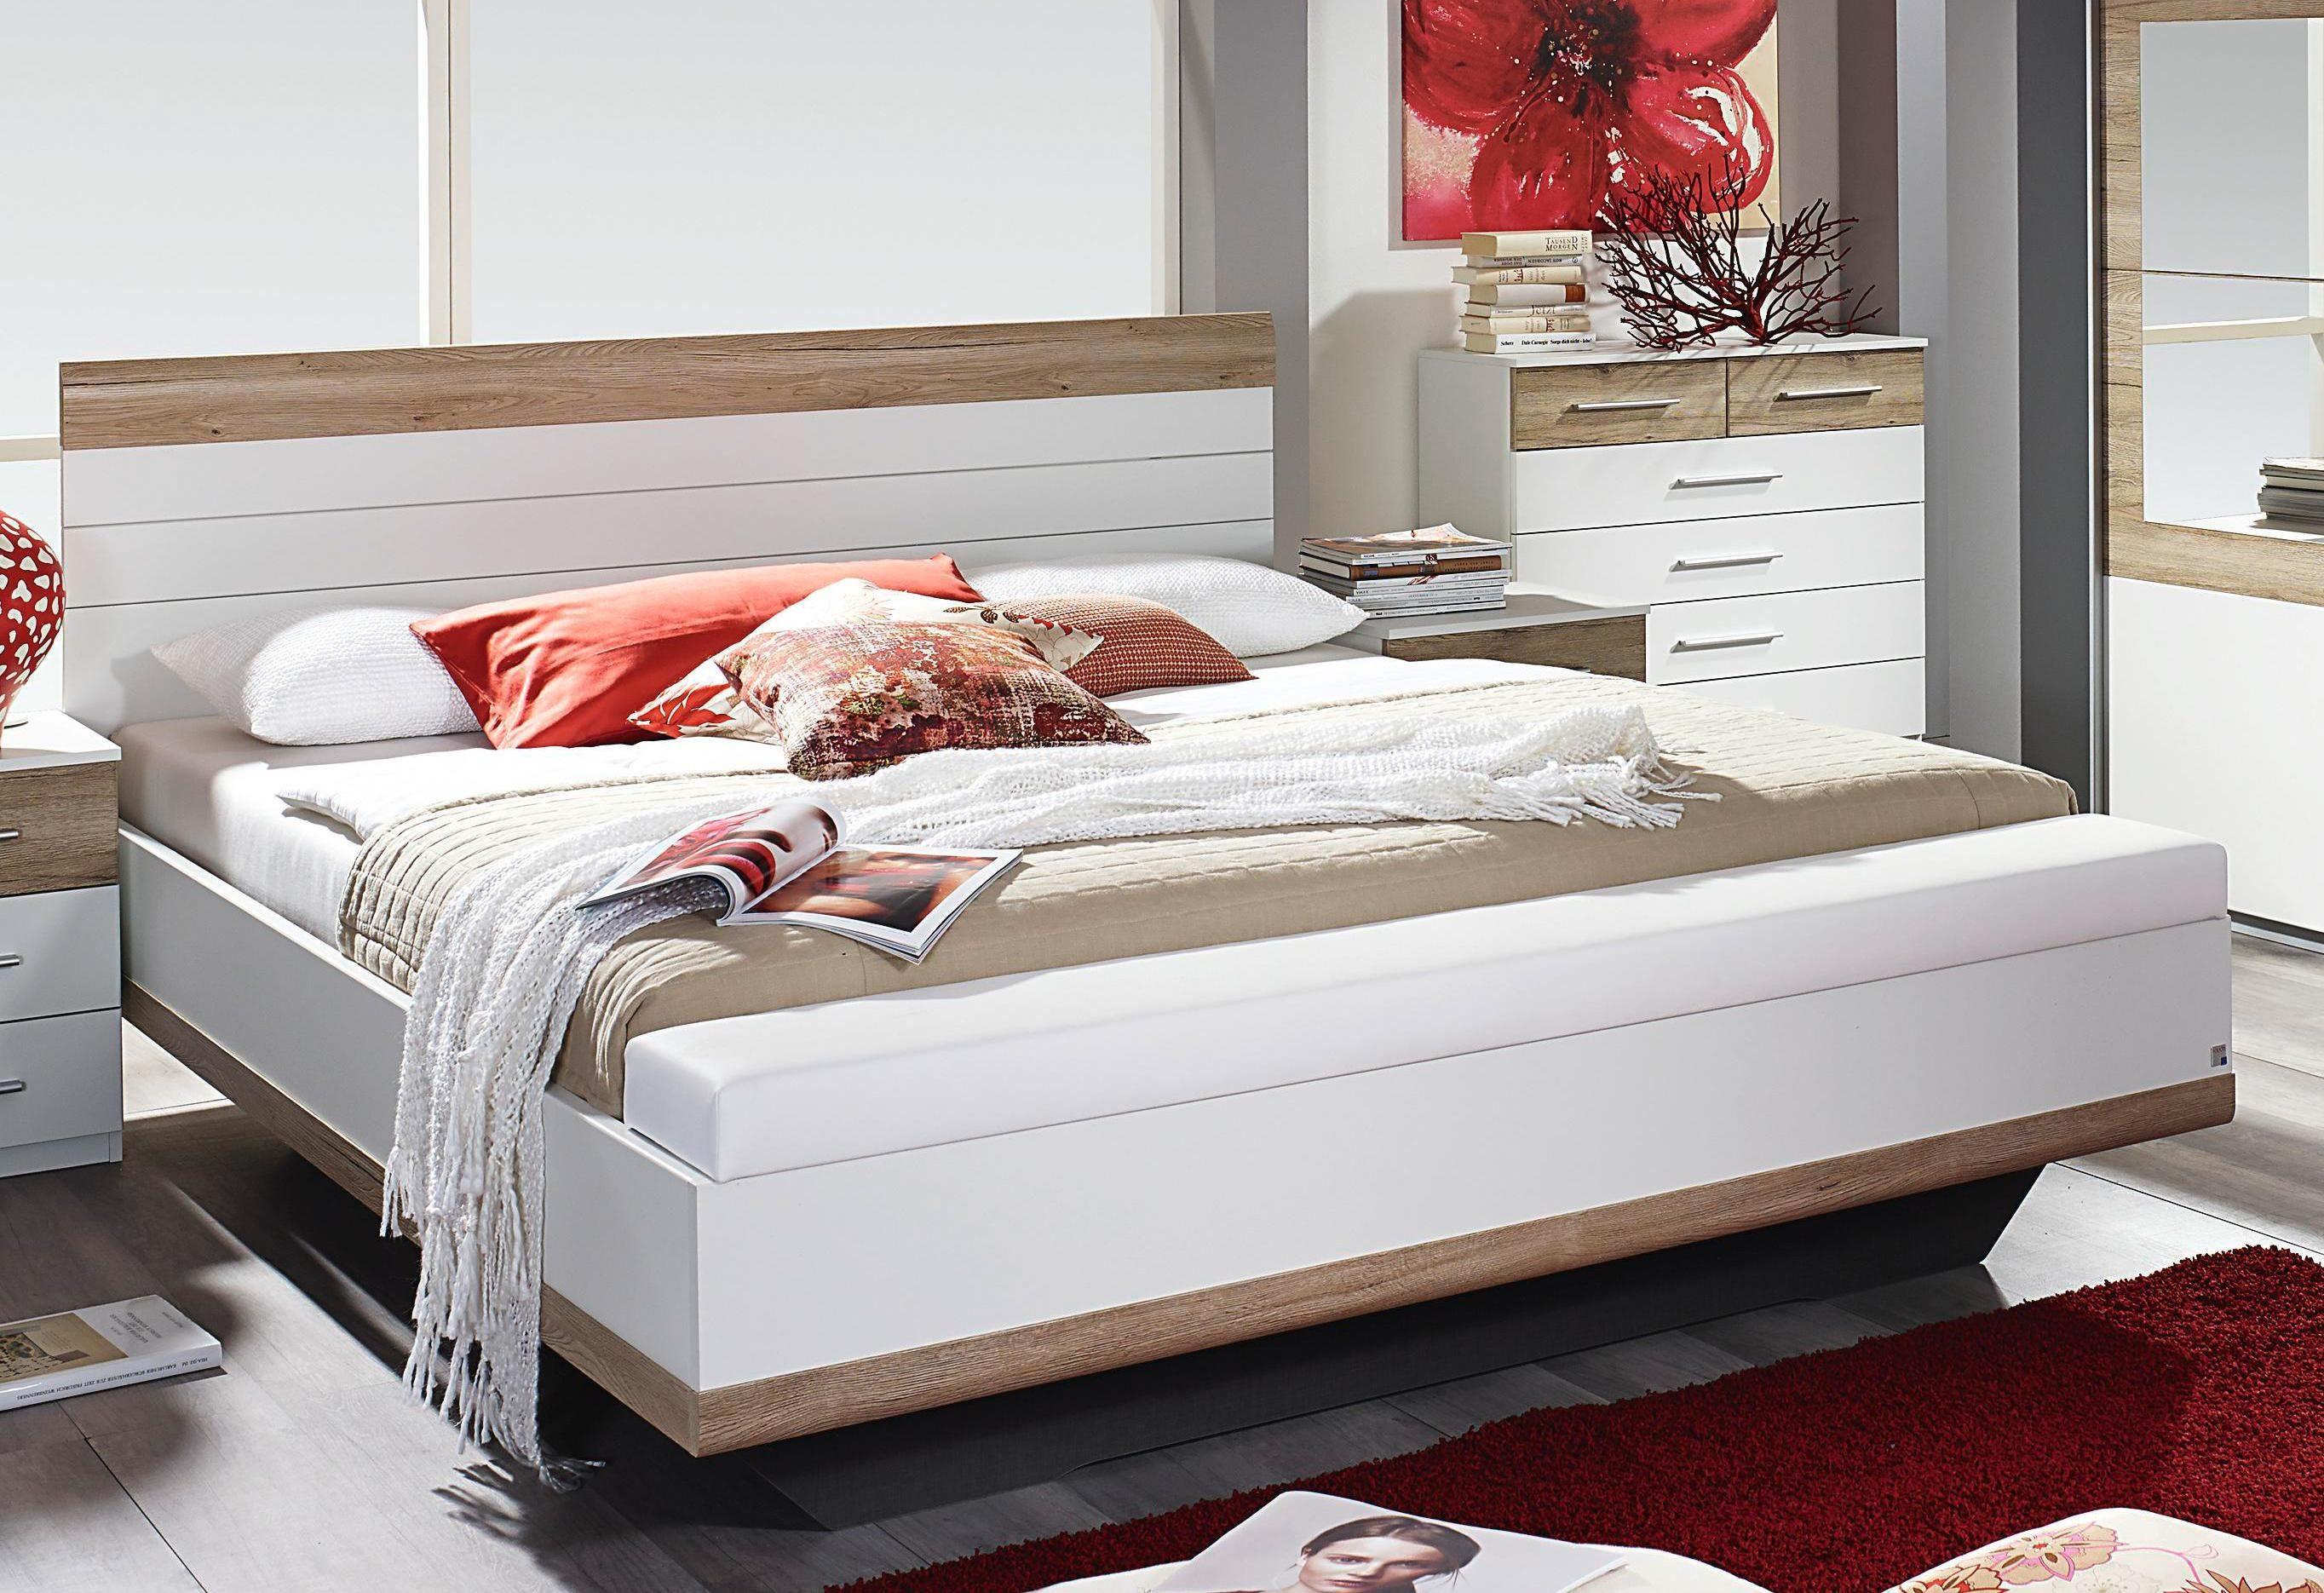 Fonkelnieuw Bankje Voeteneind Bed. Elegant With Bankje Voeteneind Bed. Simple DC-87